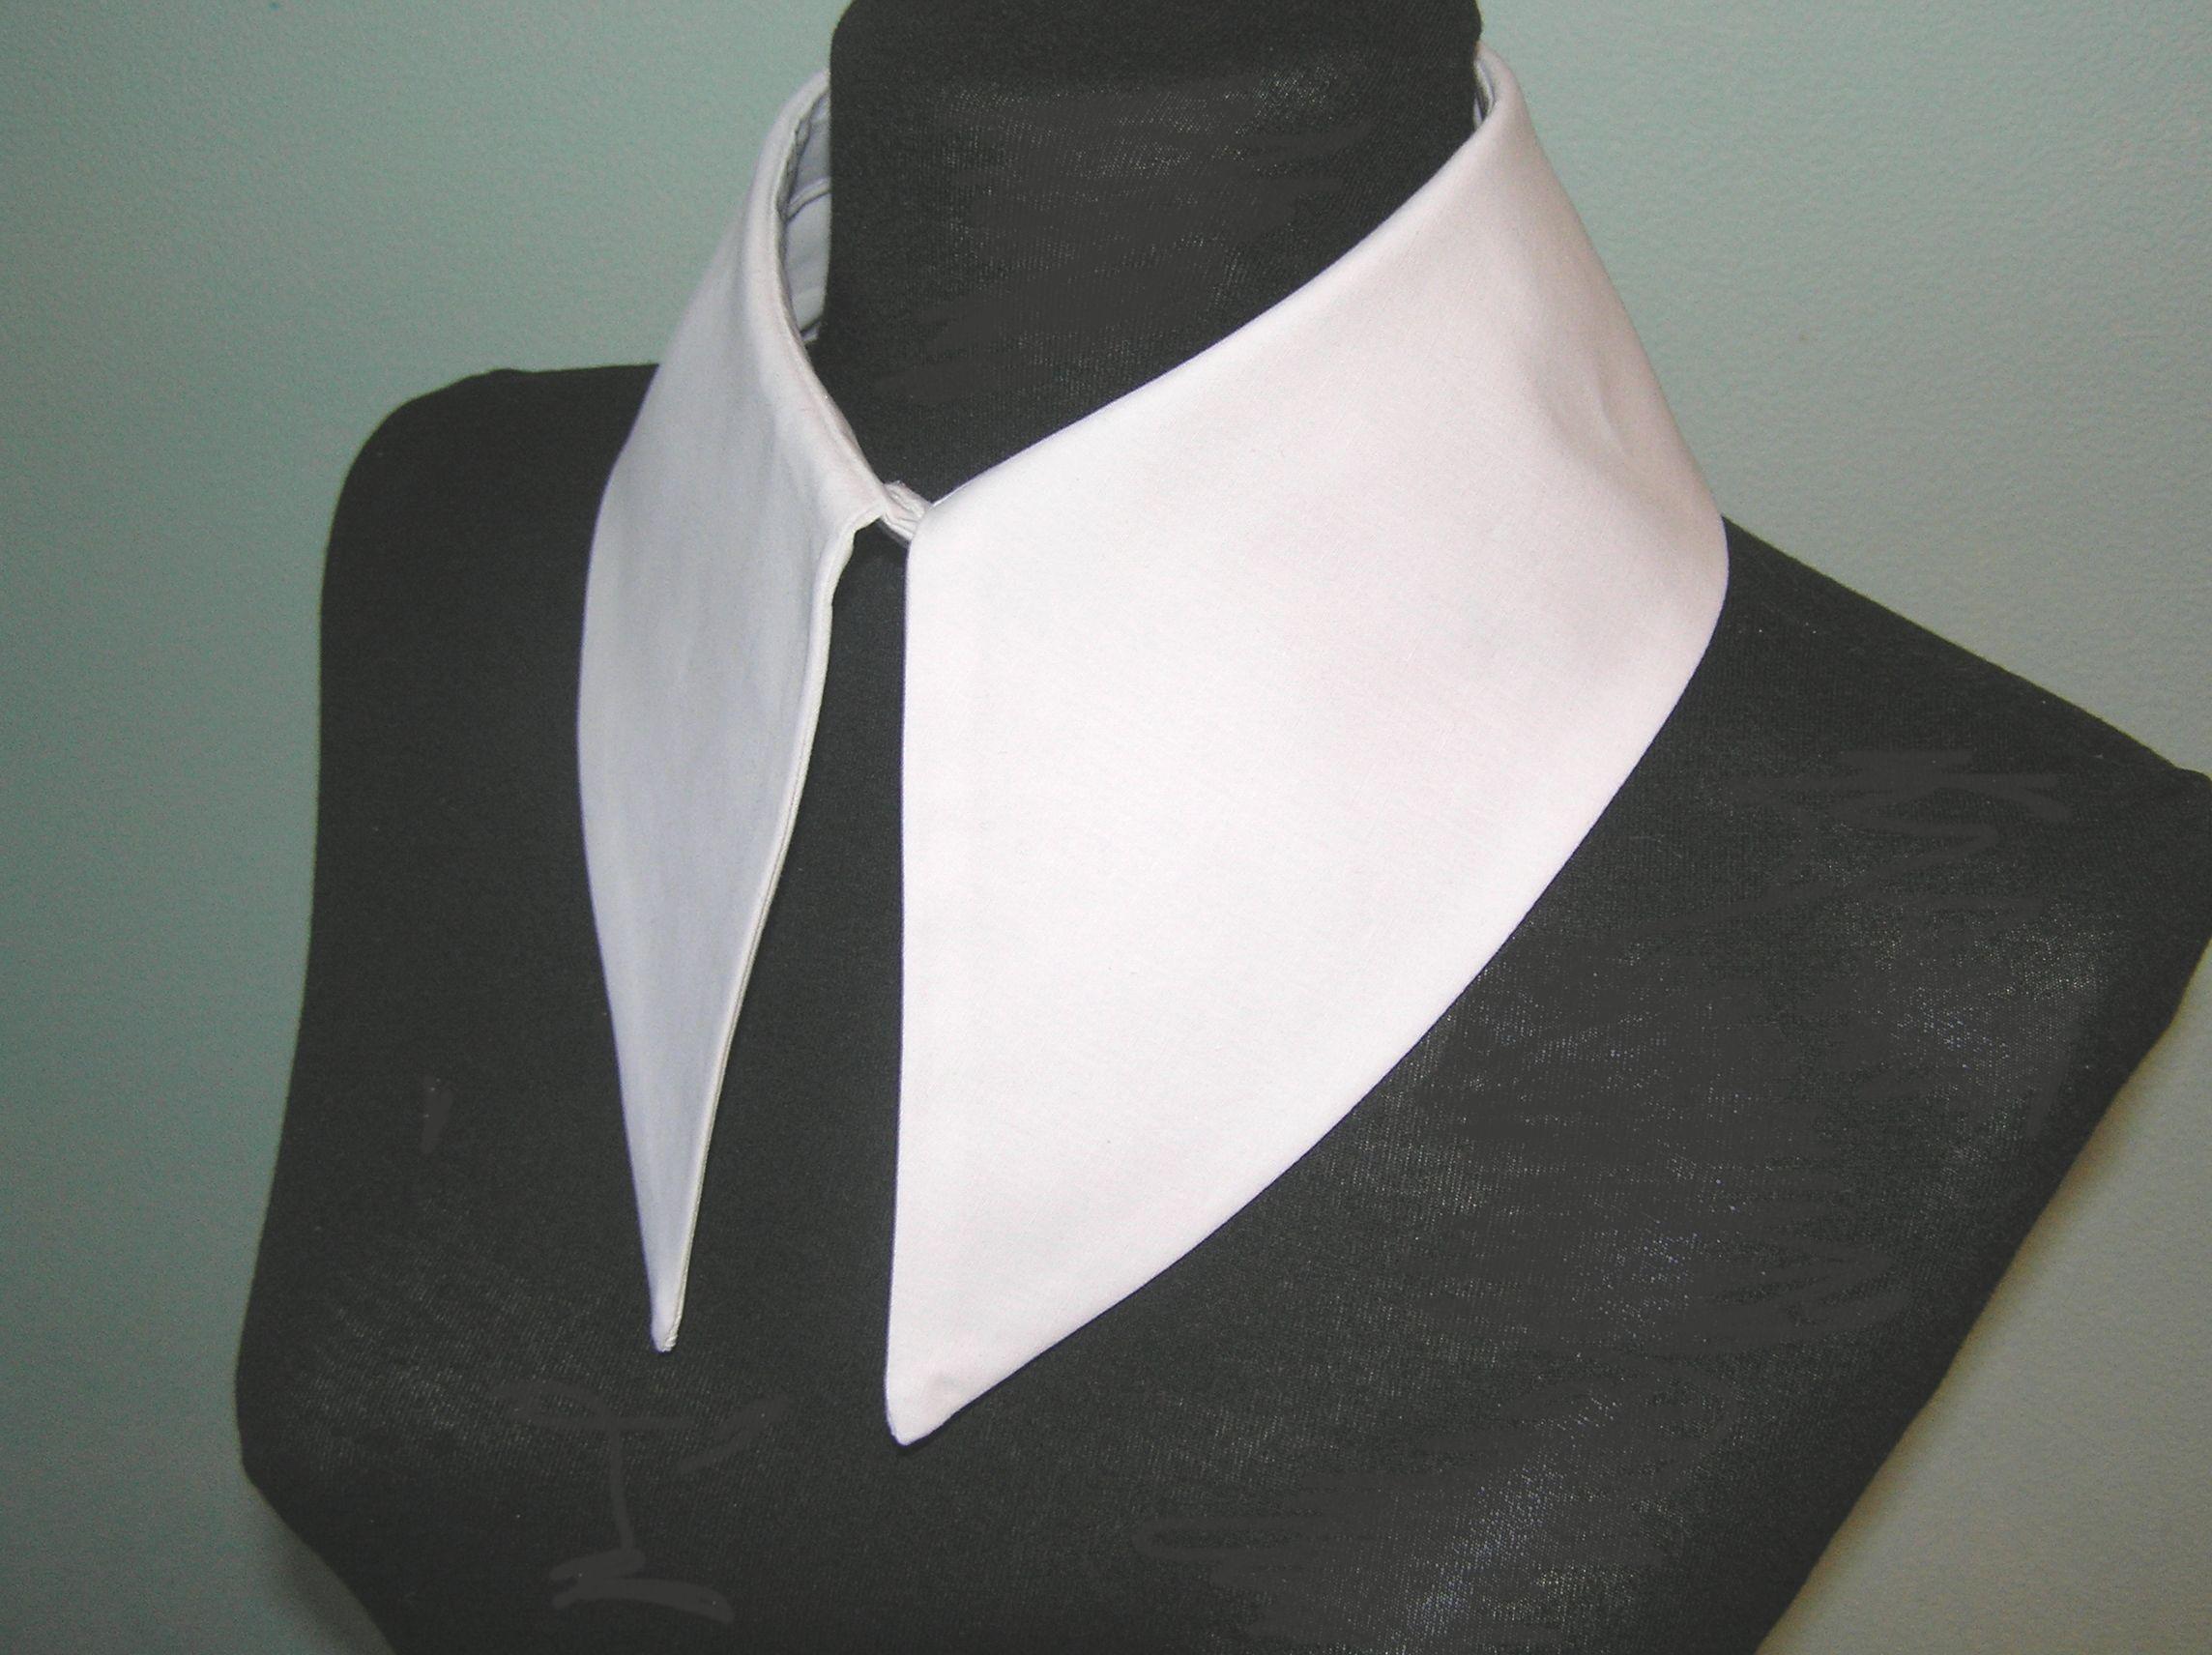 Madonna Wednesday Addams Detachable Collar Fake Handmade